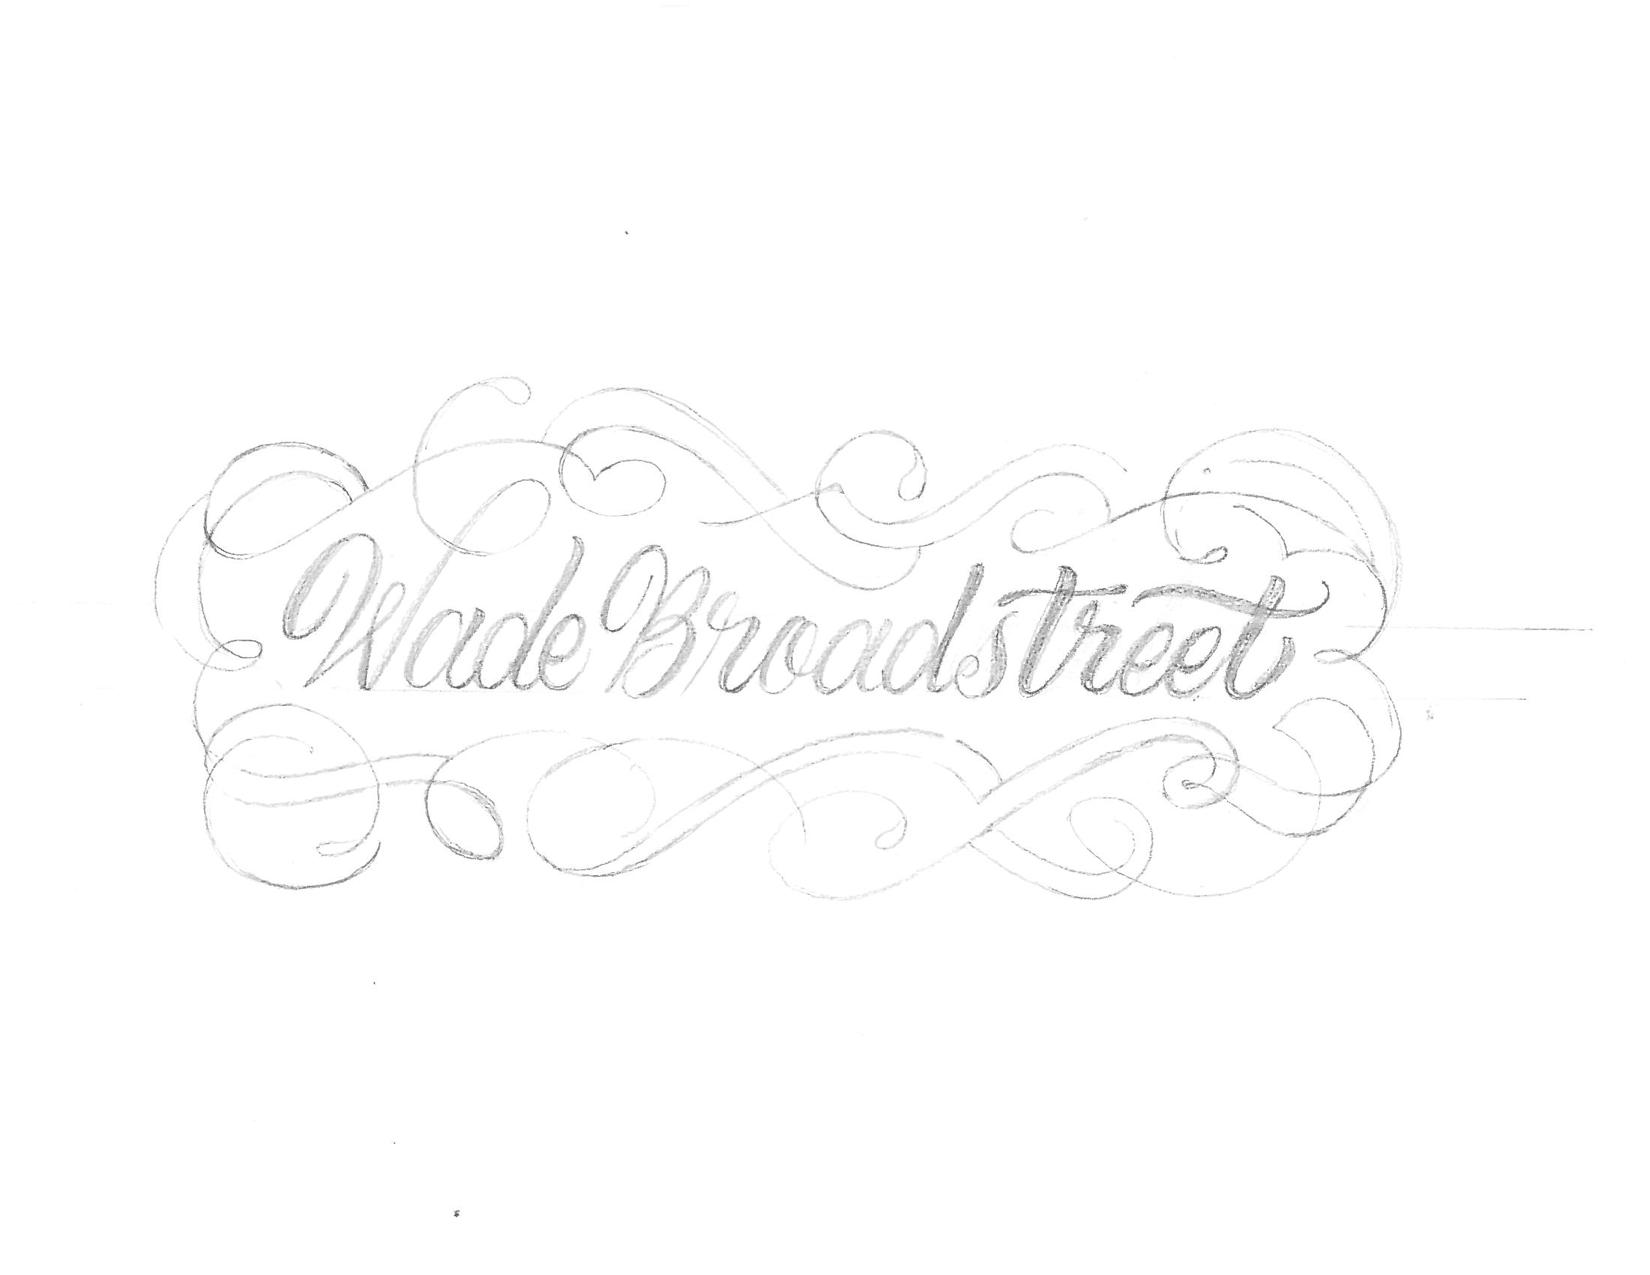 WADEBROADSTREET_sketch.png